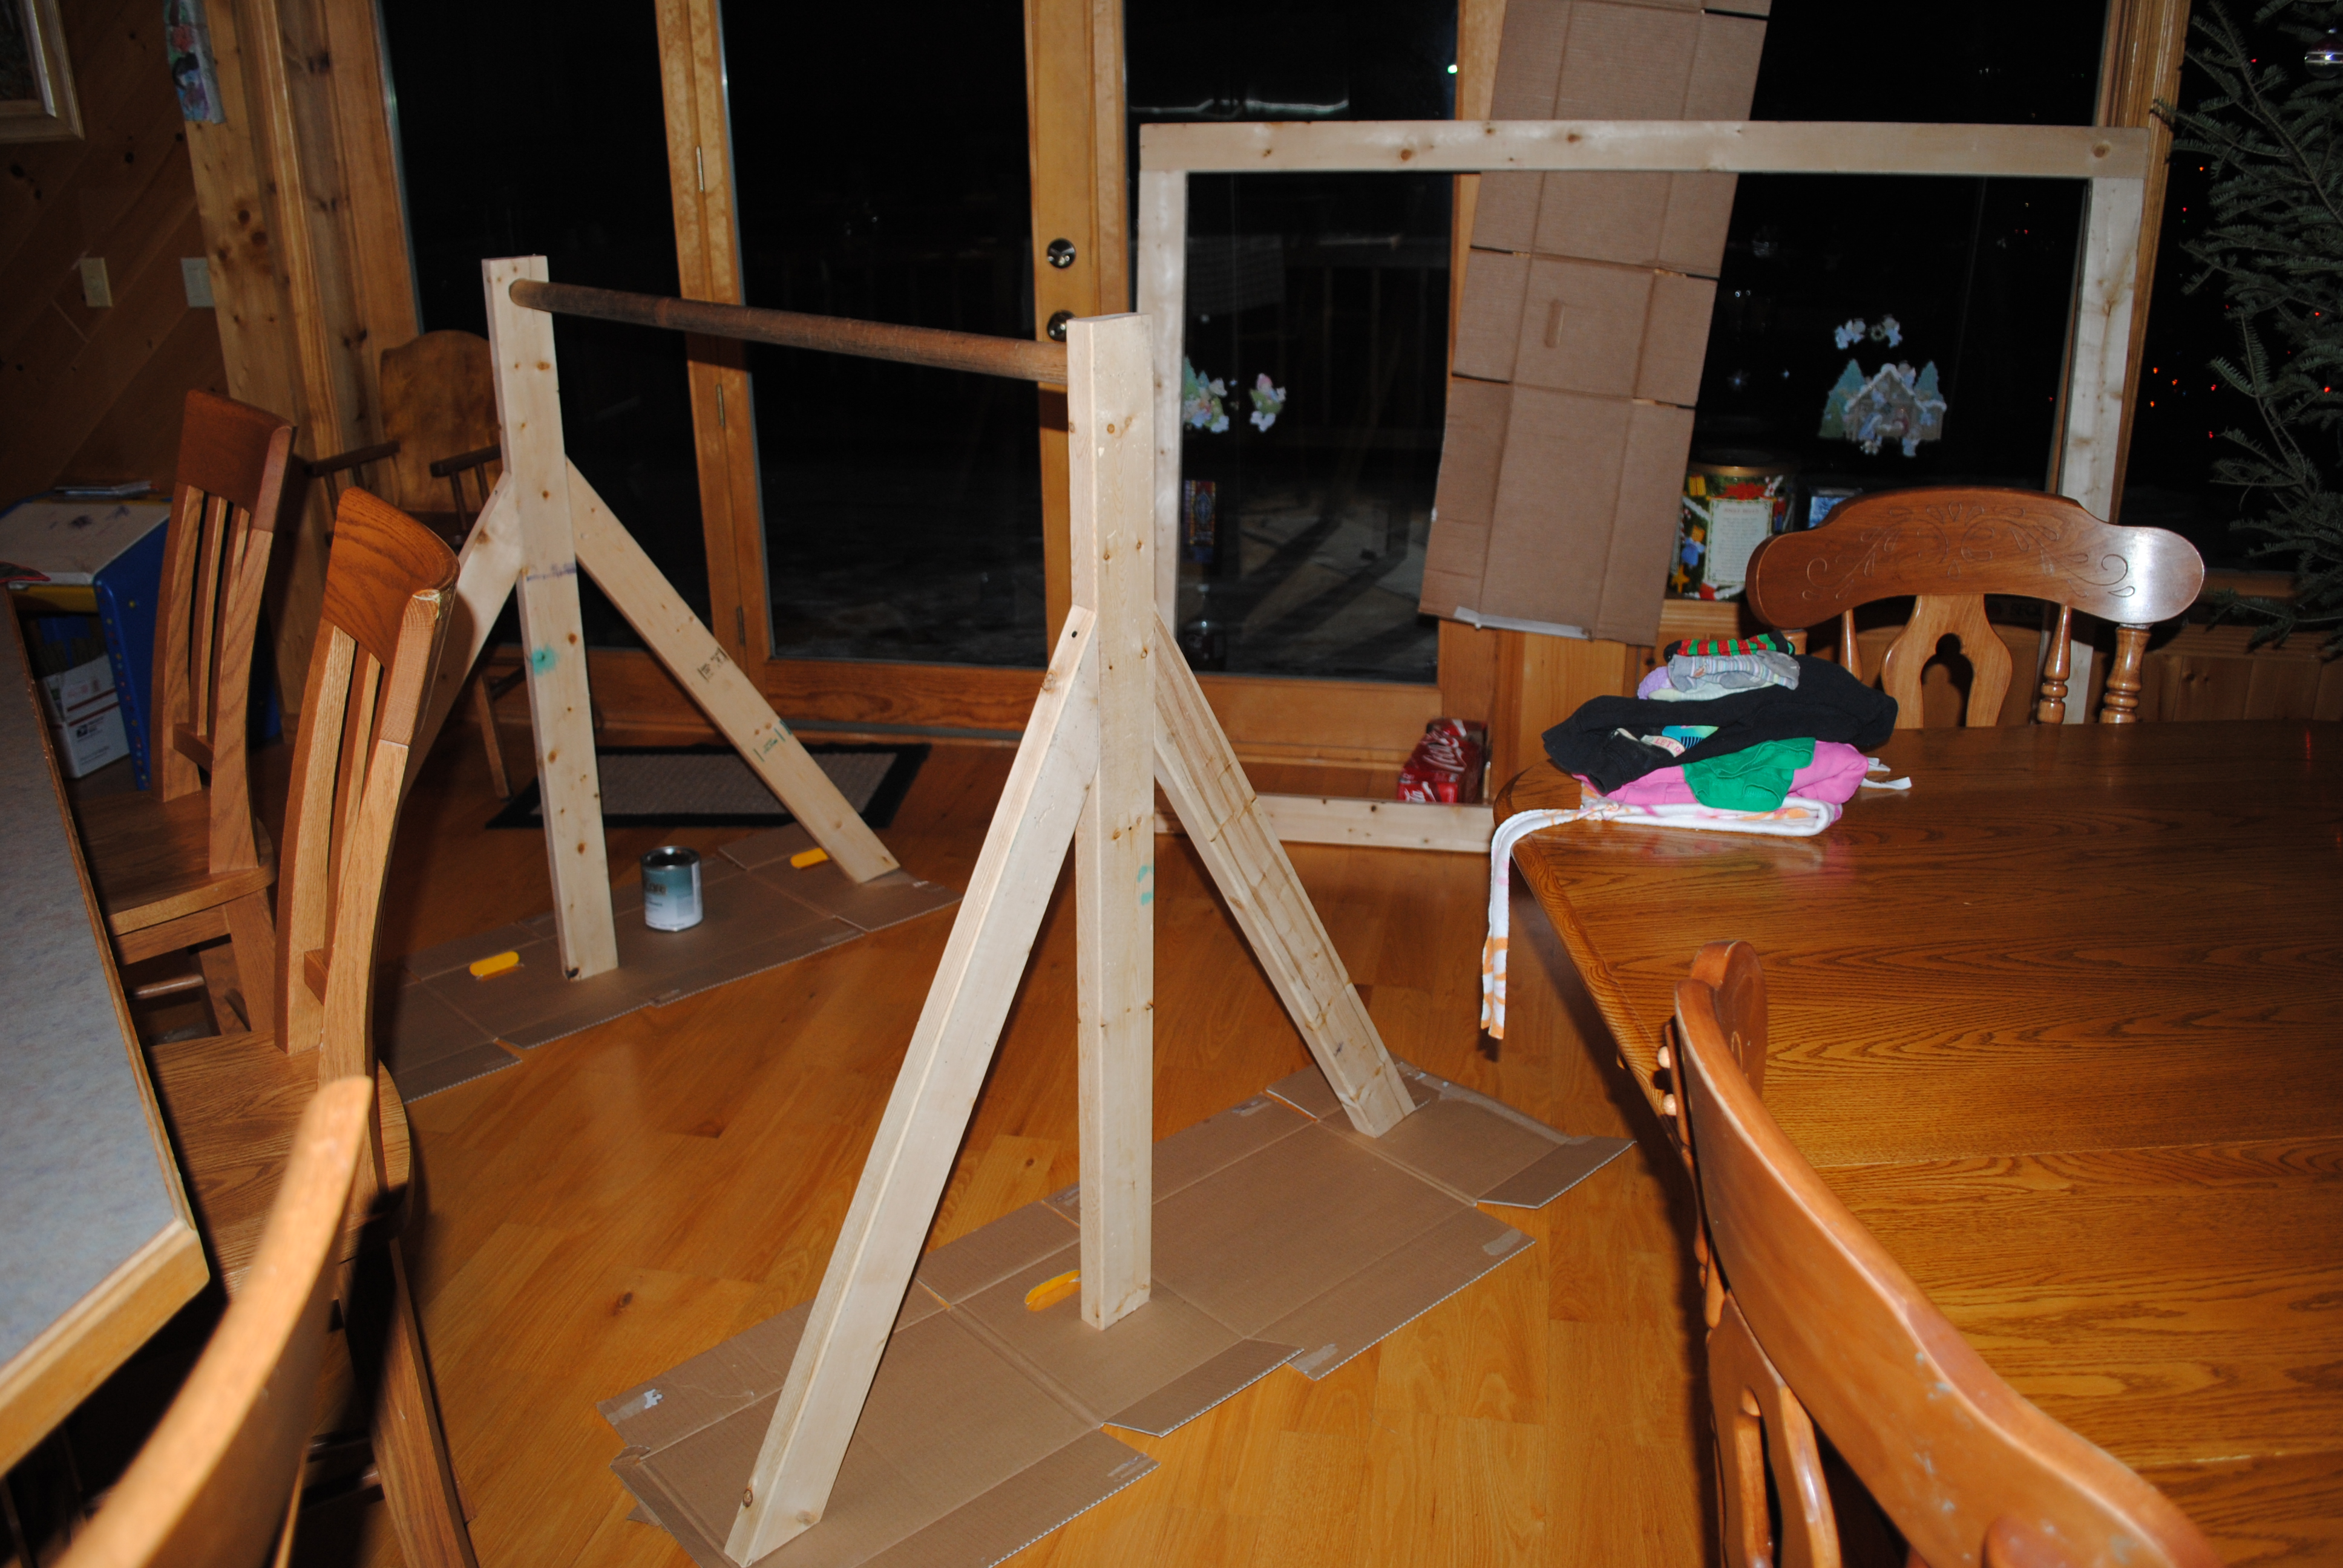 Gymnastics Bar | He Sowed She Sewed